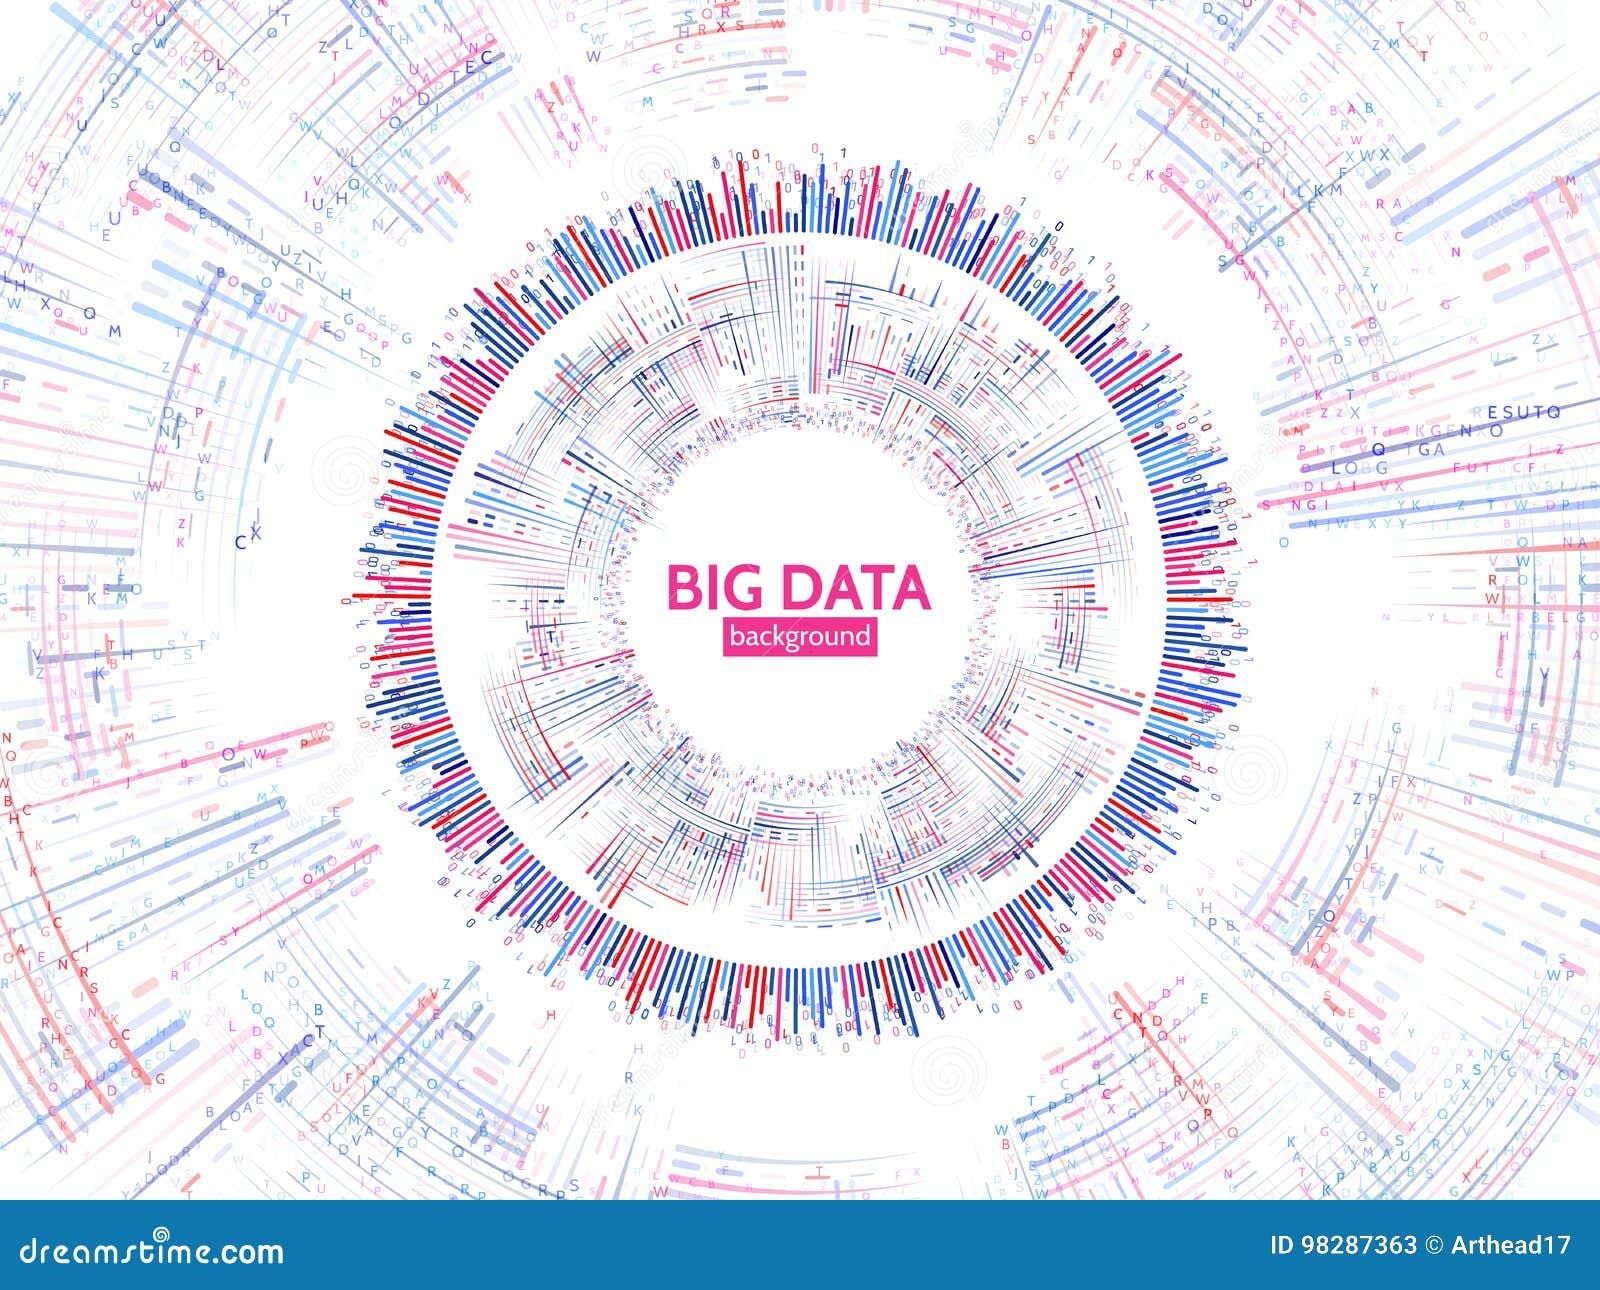 Οπτικές πληροφορίες ρευμάτων στοιχείων Αφηρημένη δομή conection στοιχείων Φουτουριστική πολυπλοκότητα πληροφοριών